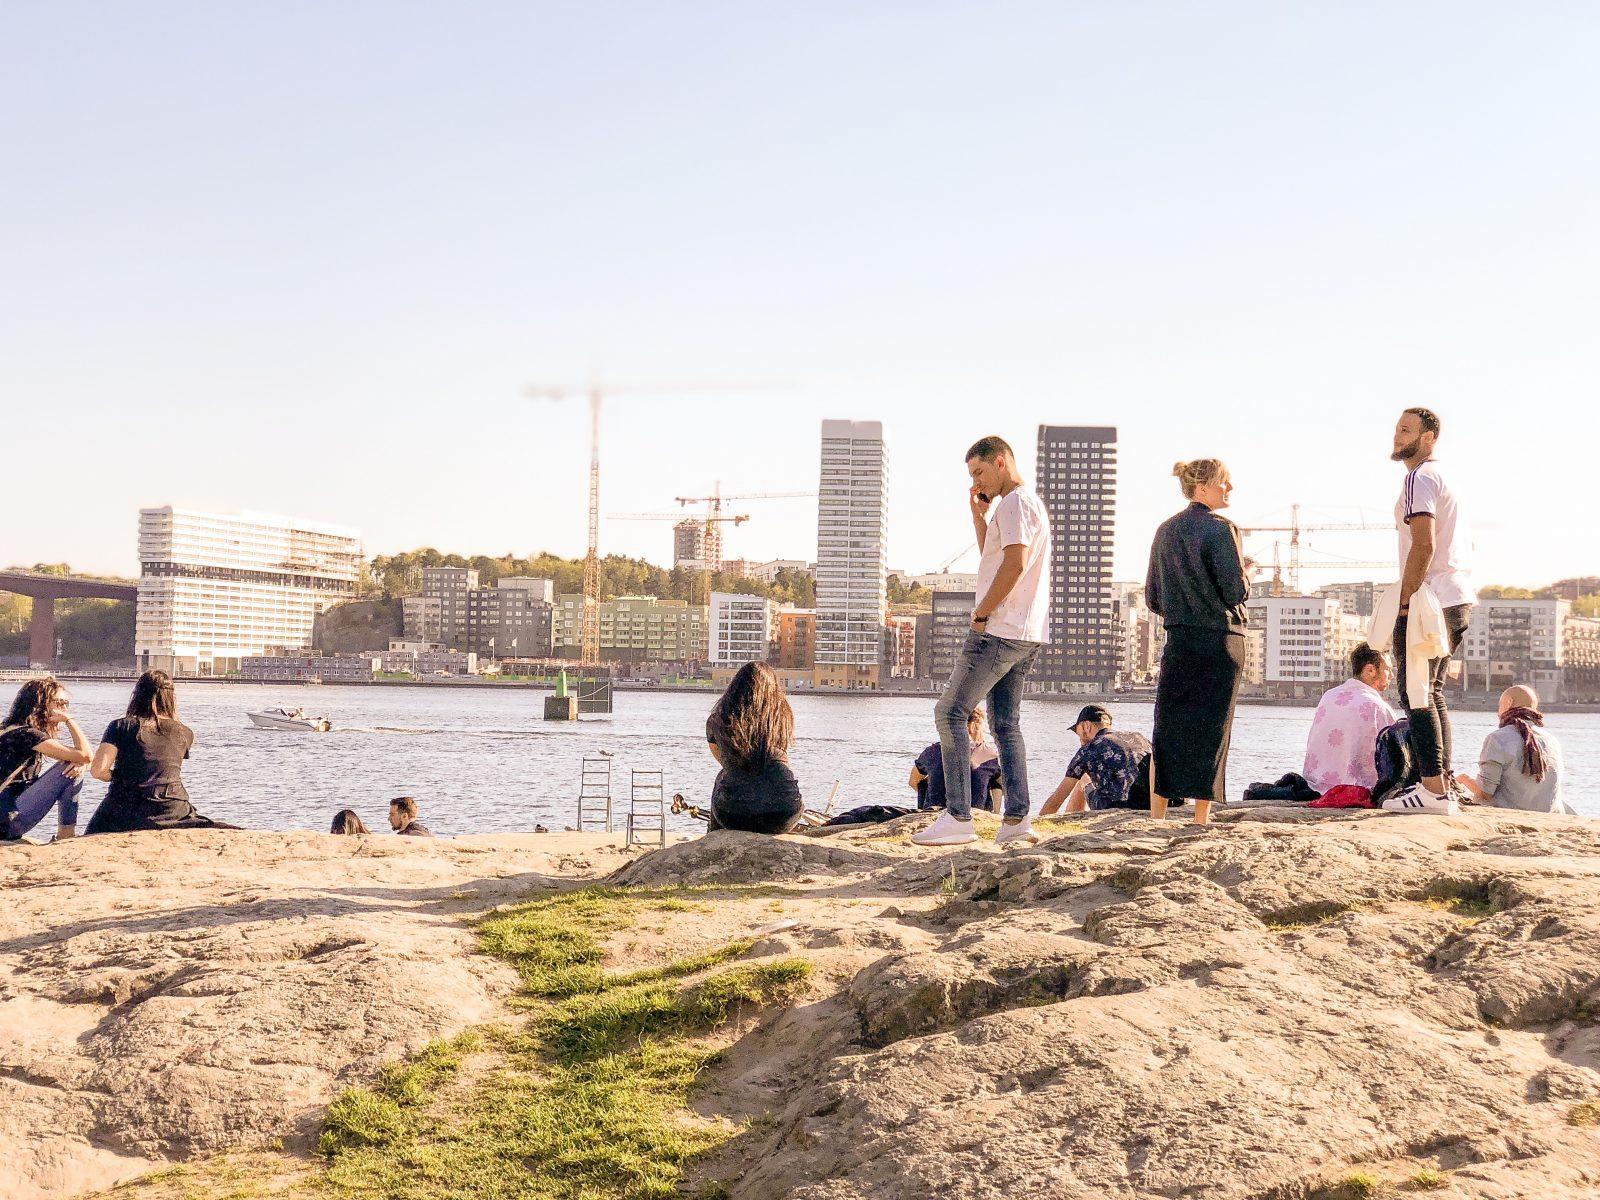 Södermalm quartier, Voyage stockholm, Découvrir stockholm, fmr travelblog, blog stockholm